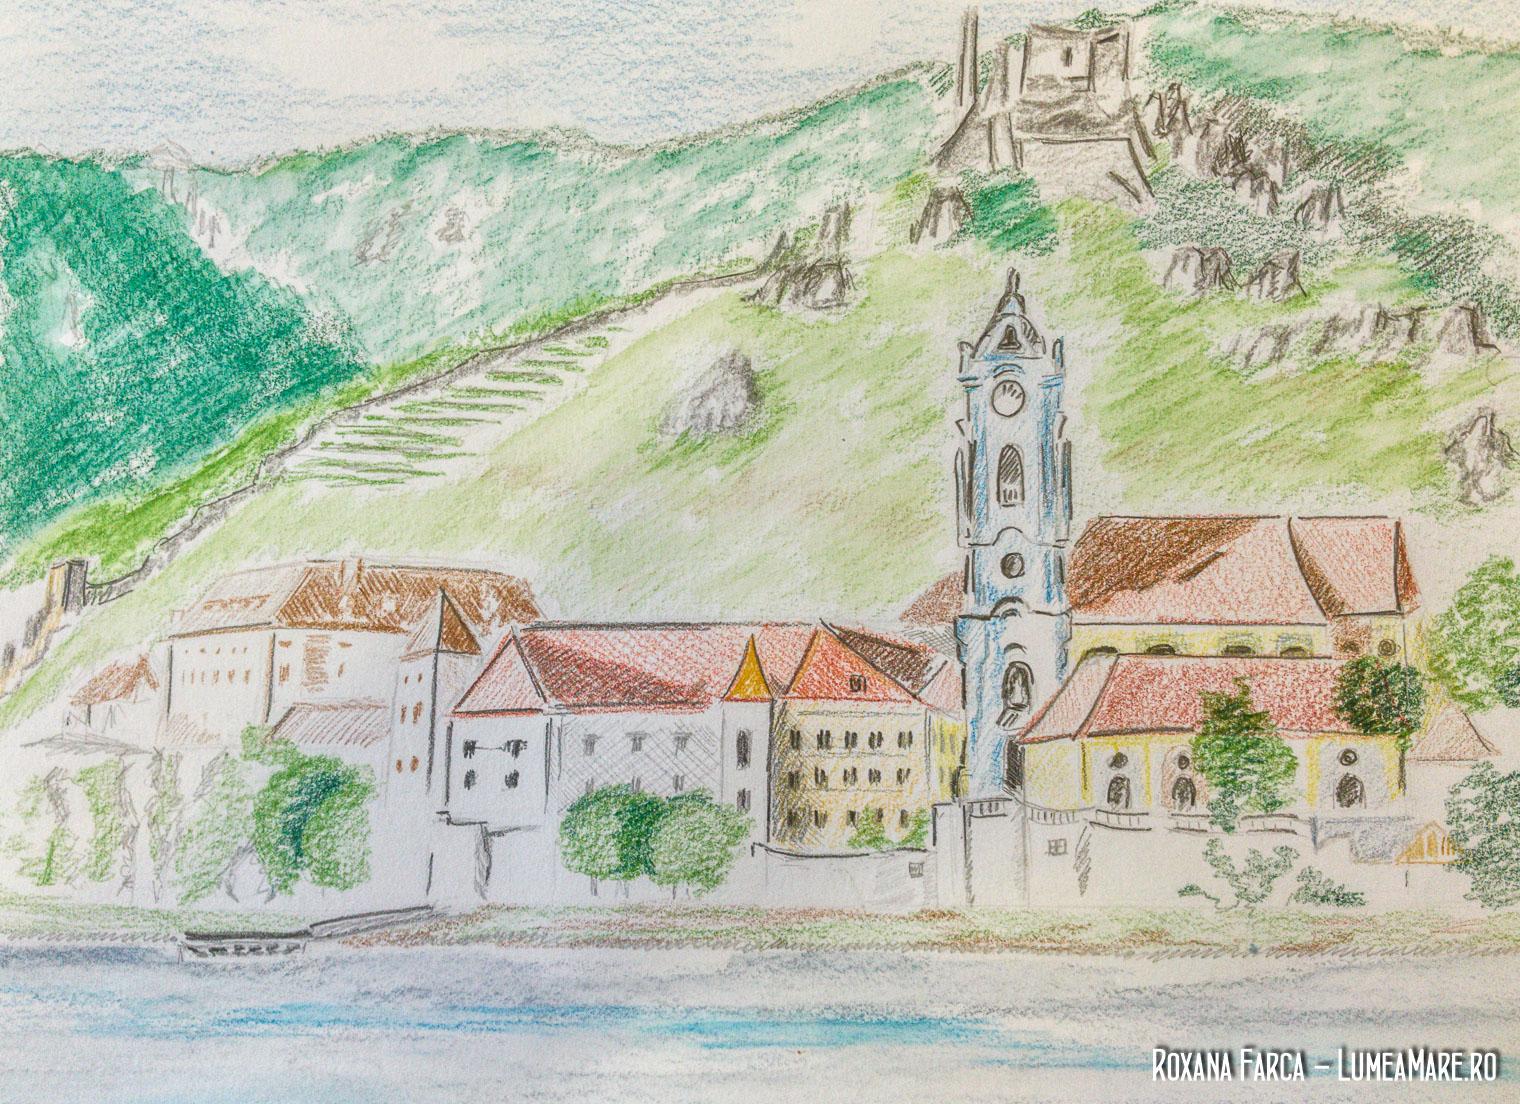 Ilustratie Durnstein, oras din Wachau,, desen de Roxana Farca